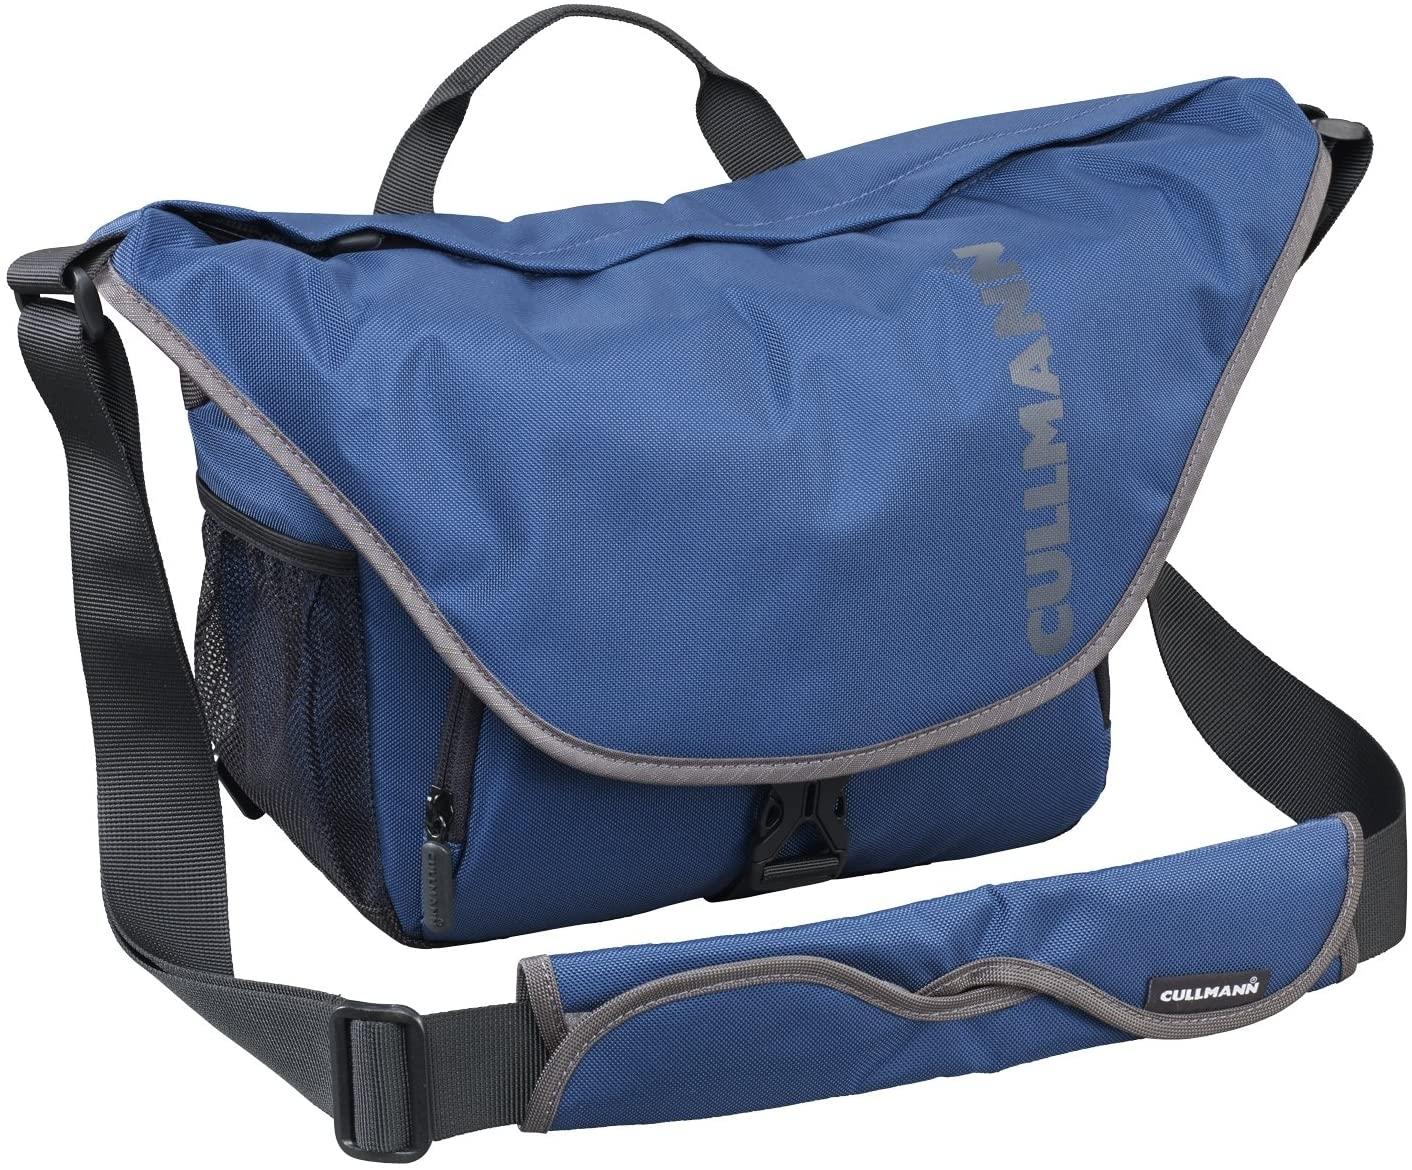 Cullmann Tasche Madrid sports 325+ dunkelblau/grau